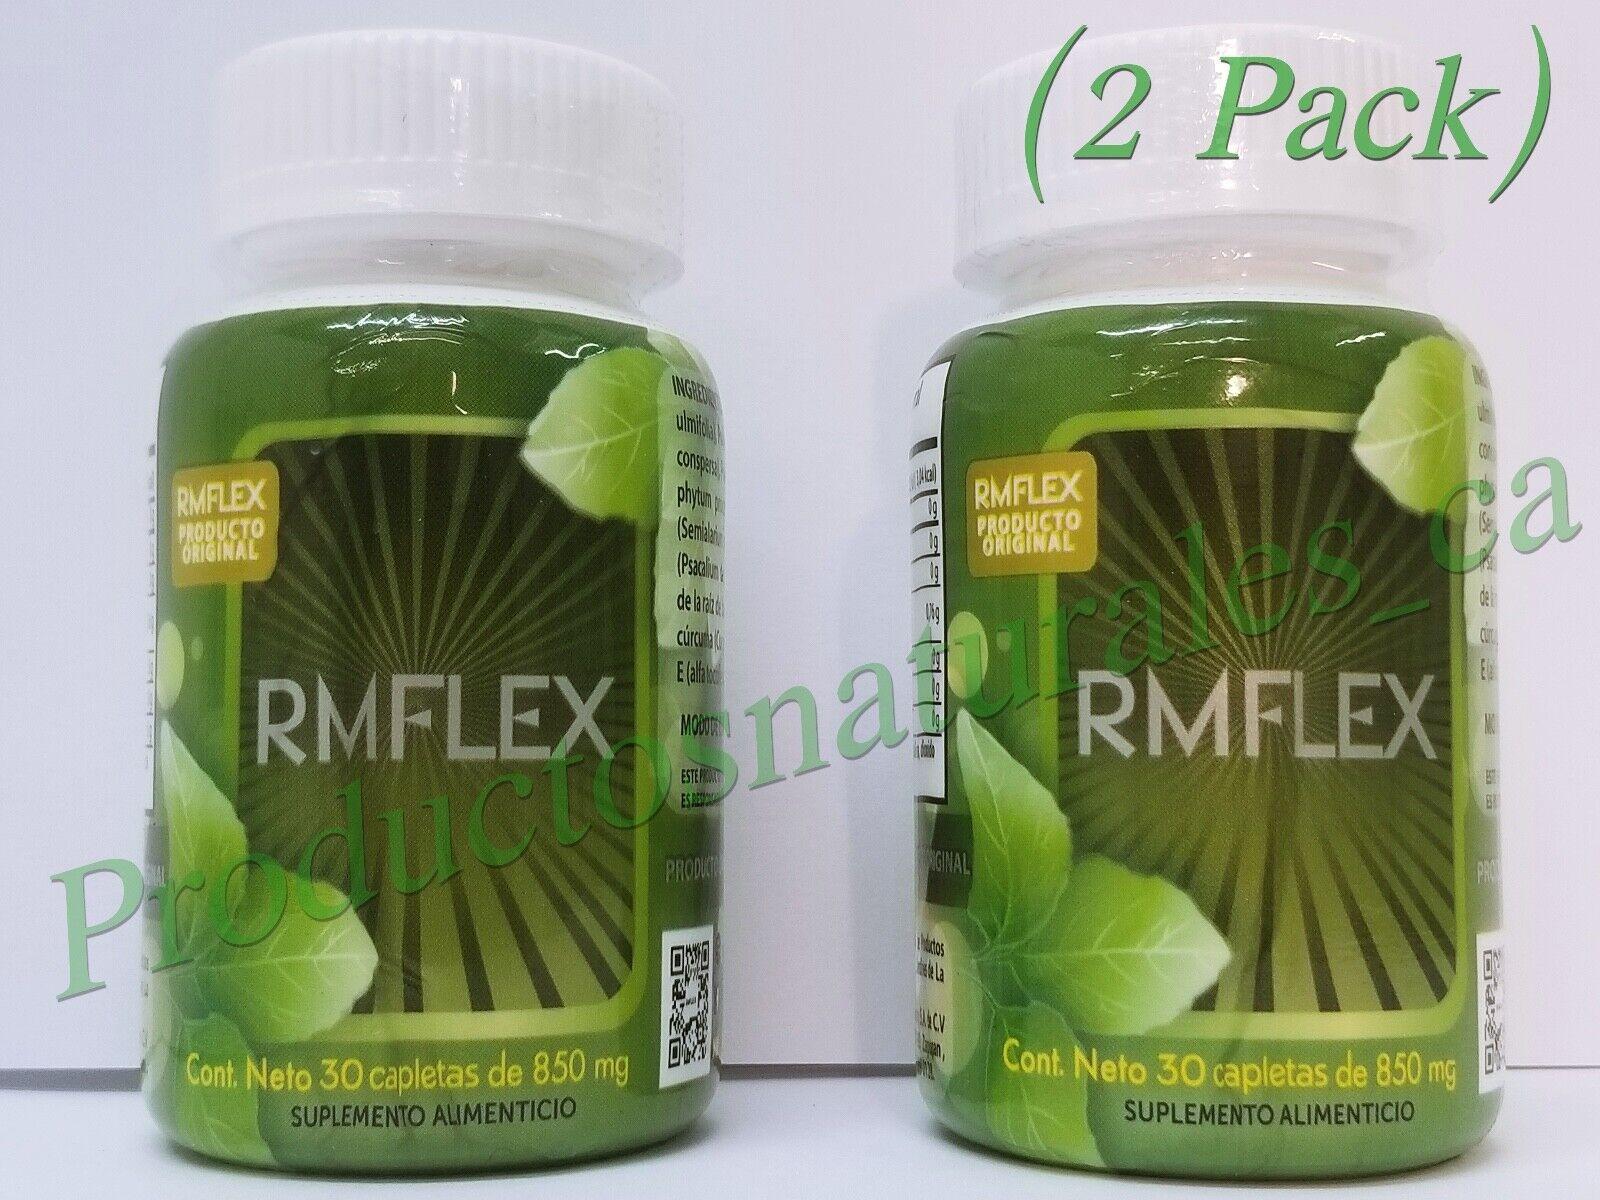 RMFLEX (2Pack) 30 Capletas de 850mg Producto Original 100% para Artritis,Dolores